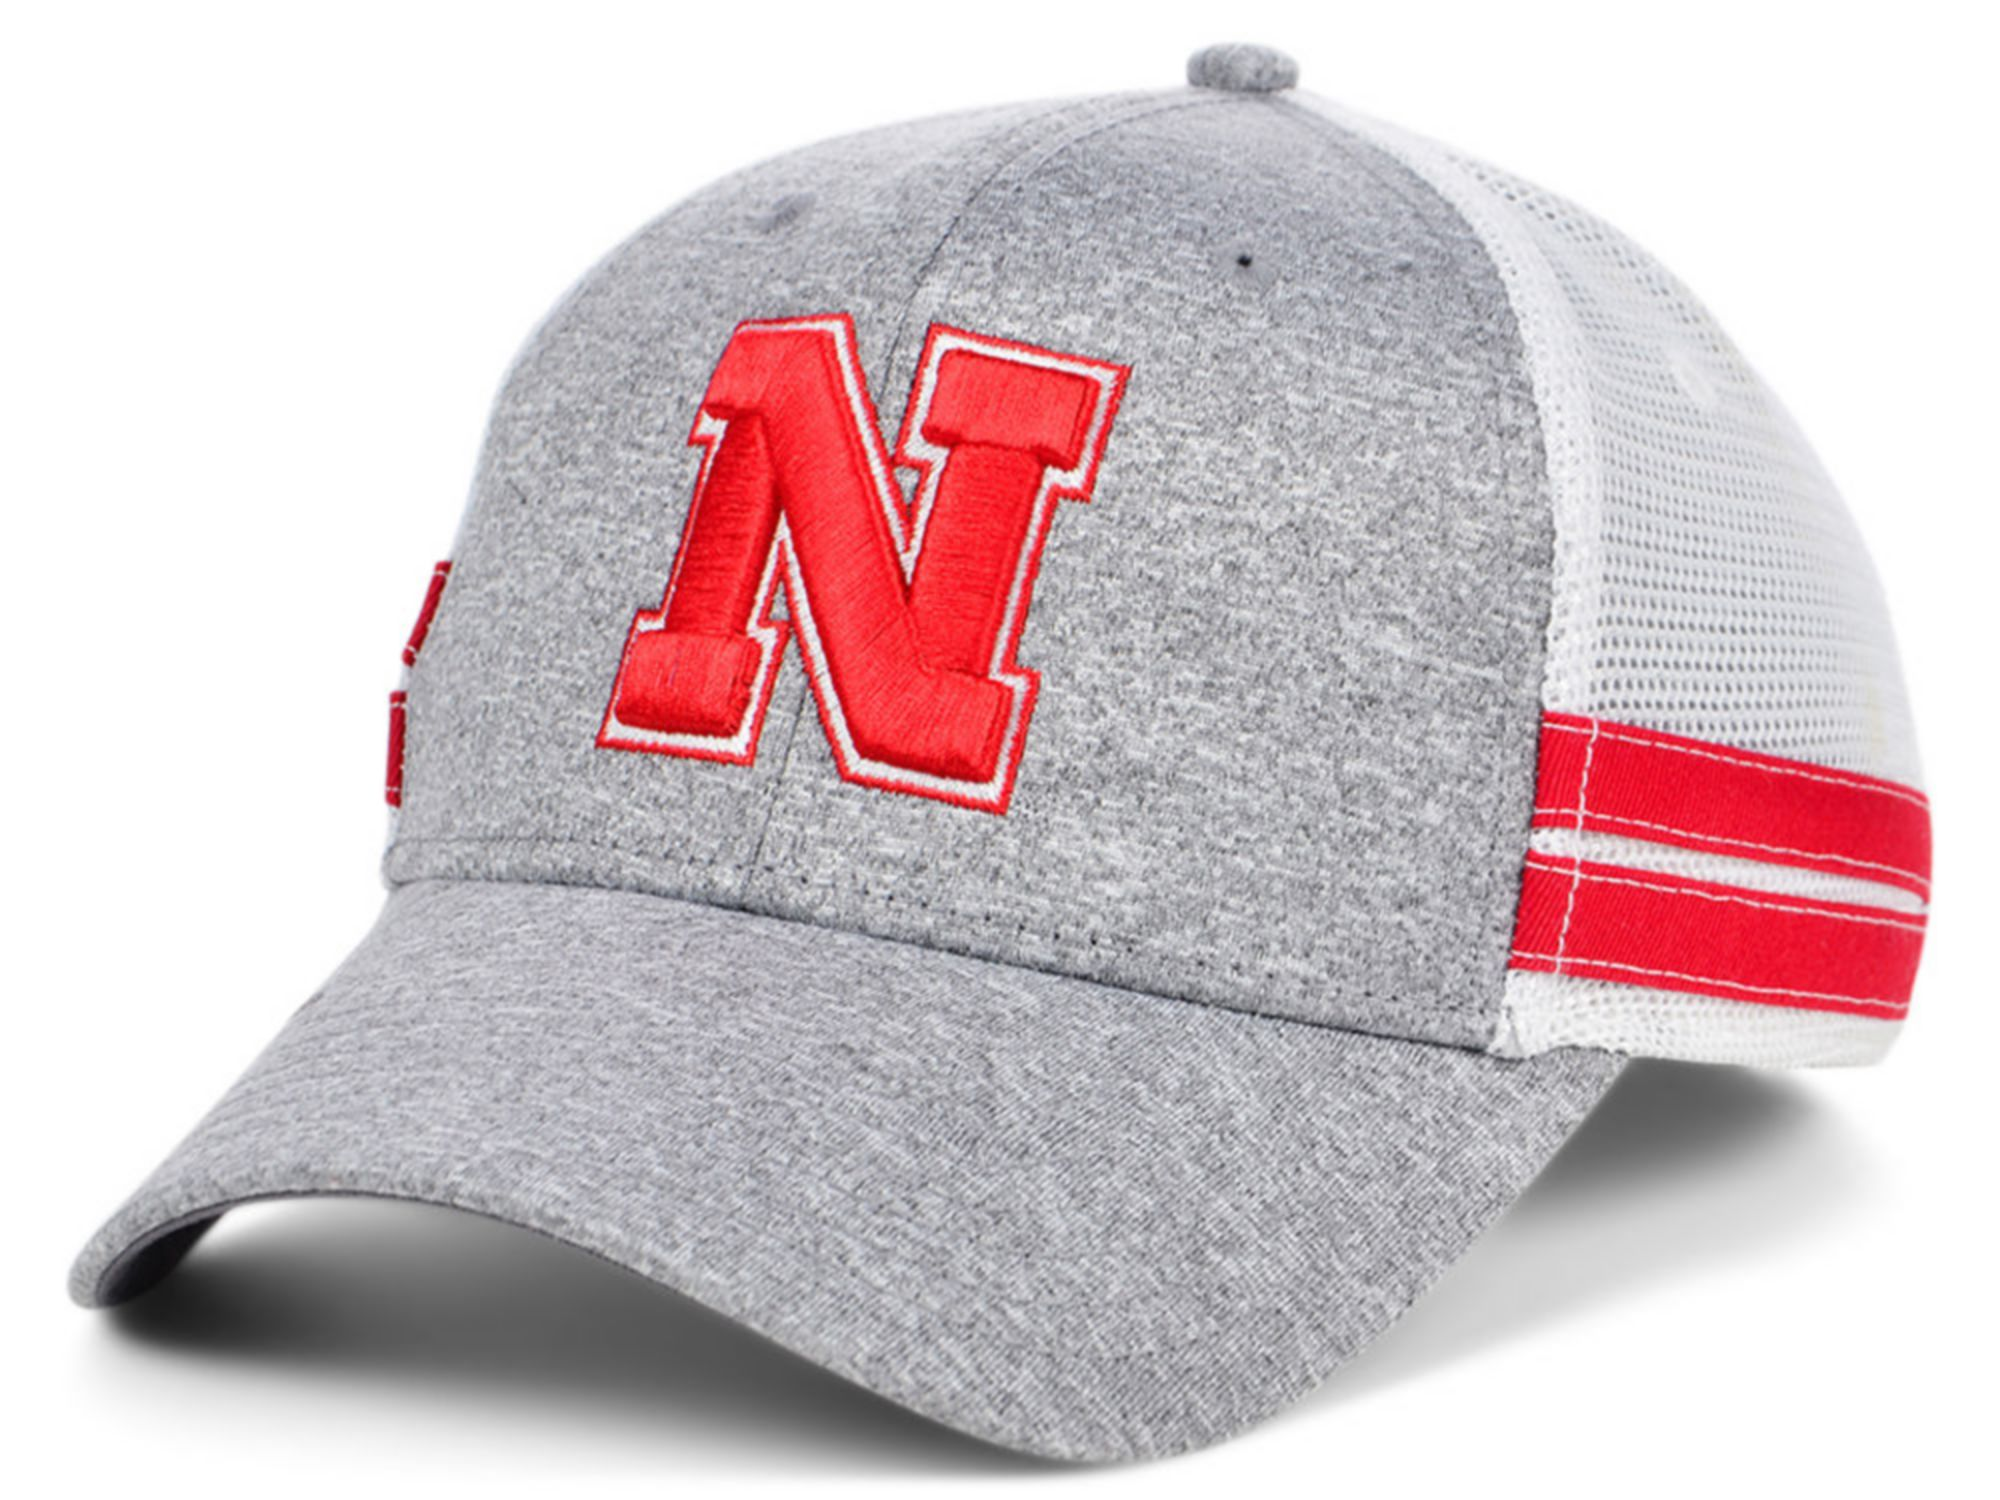 Top of the World Nebraska Cornhuskers Space Dye Trucker Cap & Reviews - Sports Fan Shop By Lids - Men - Macy's